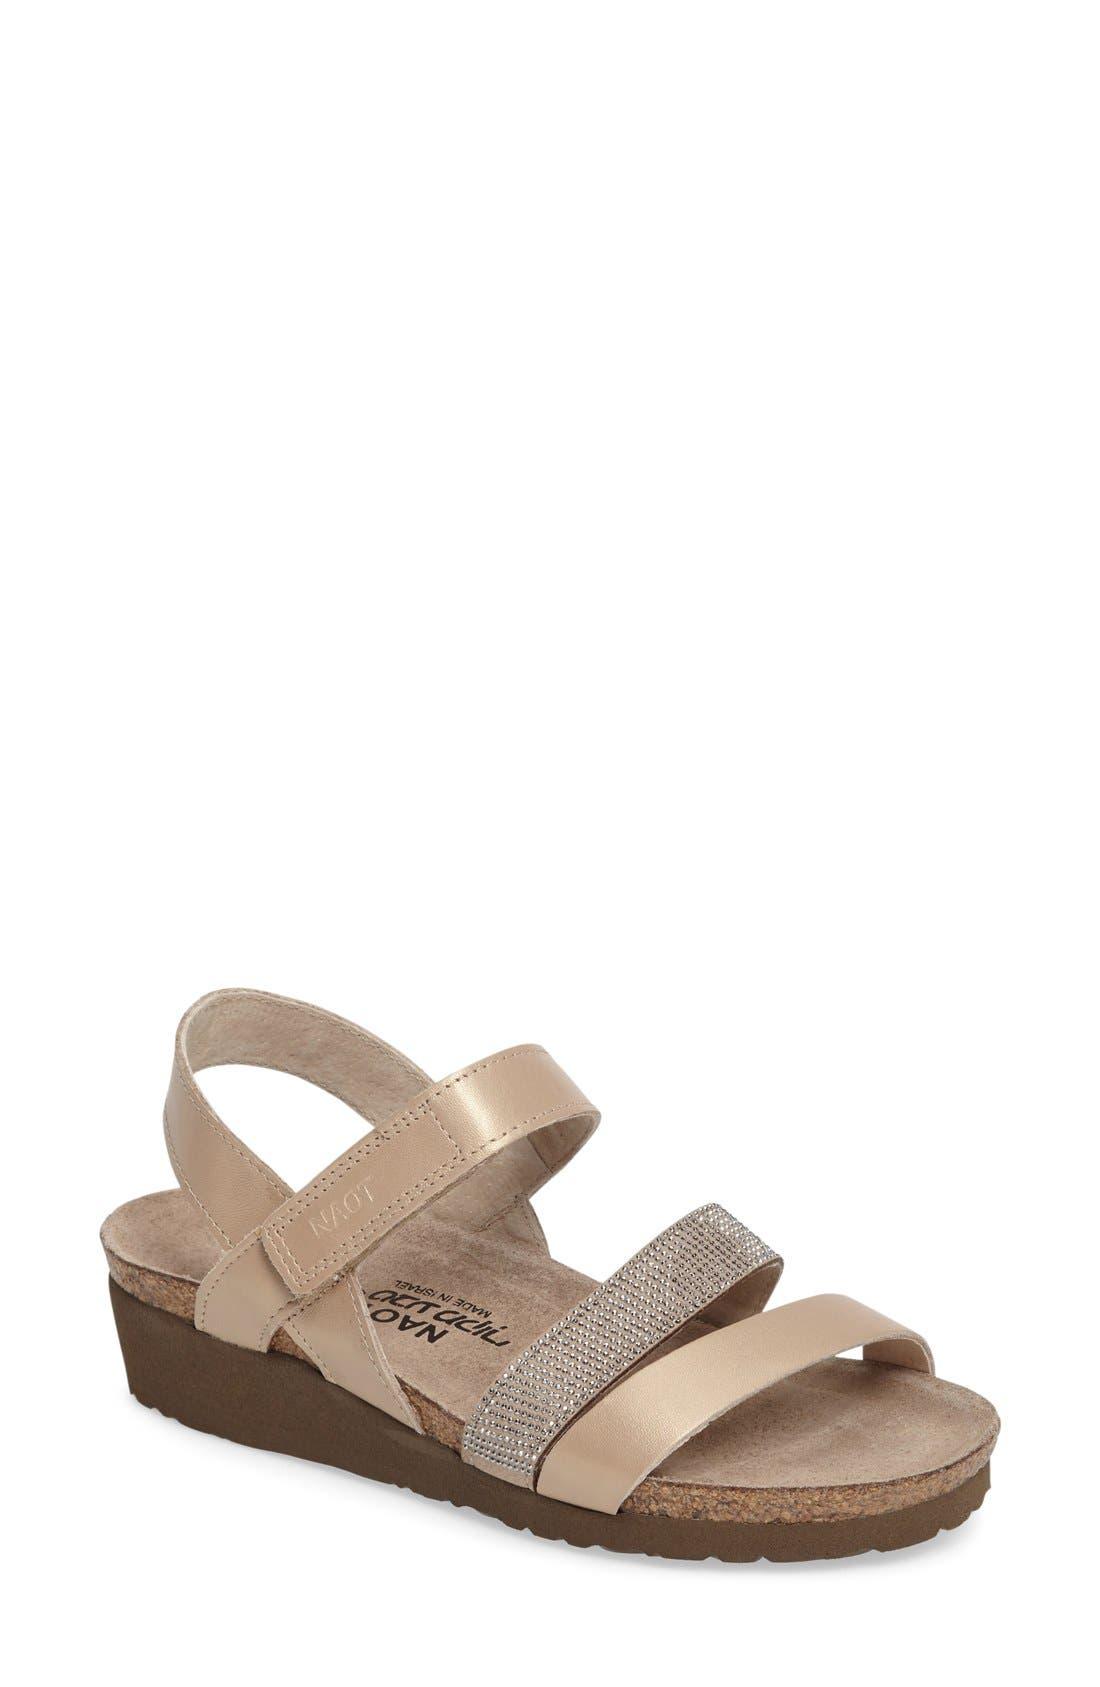 NAOT 'Krista' Sandal